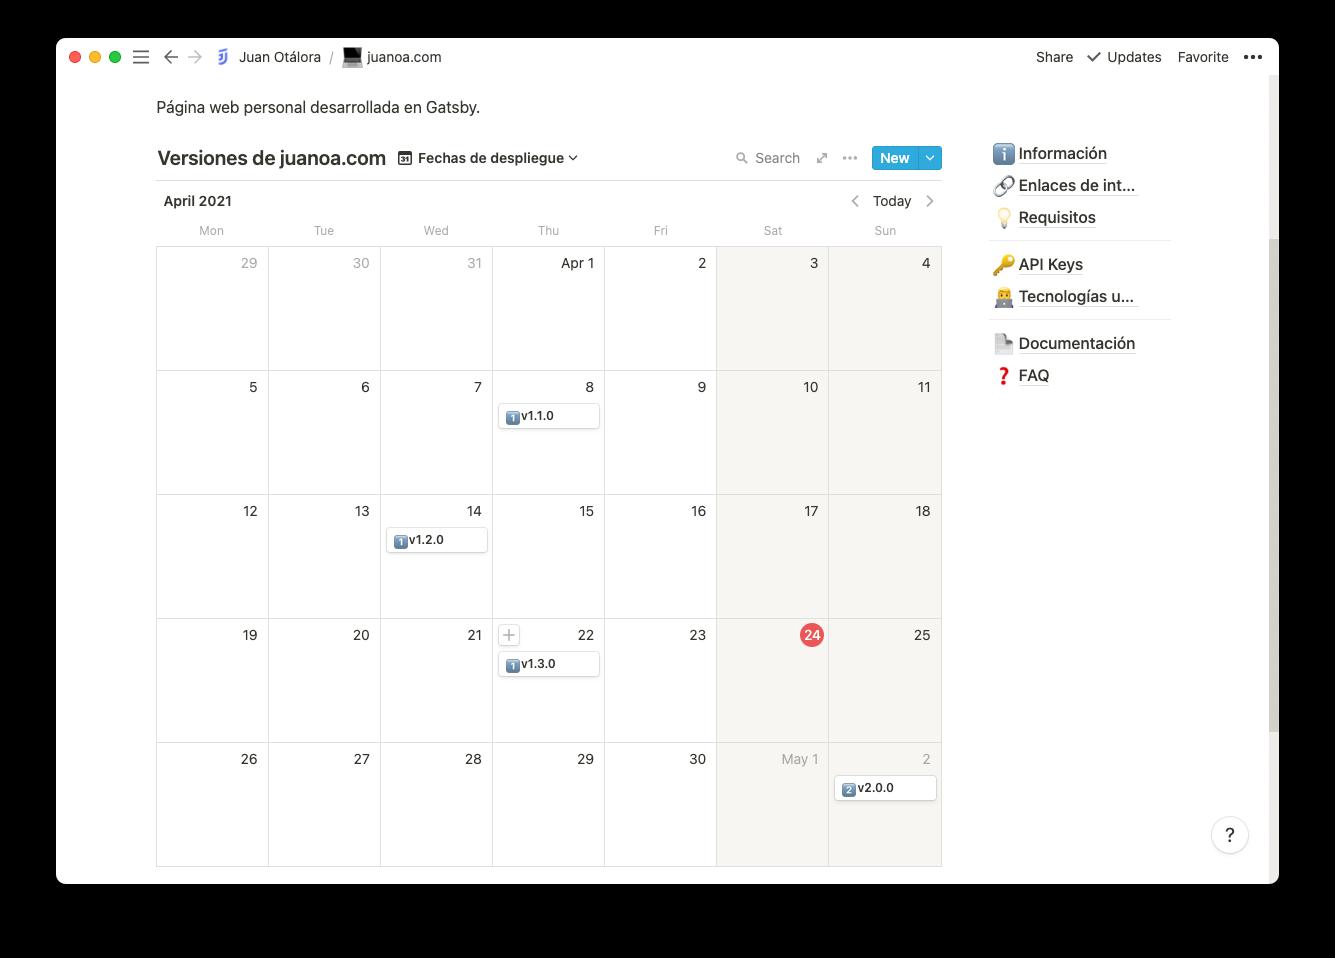 calendario-versiones.png